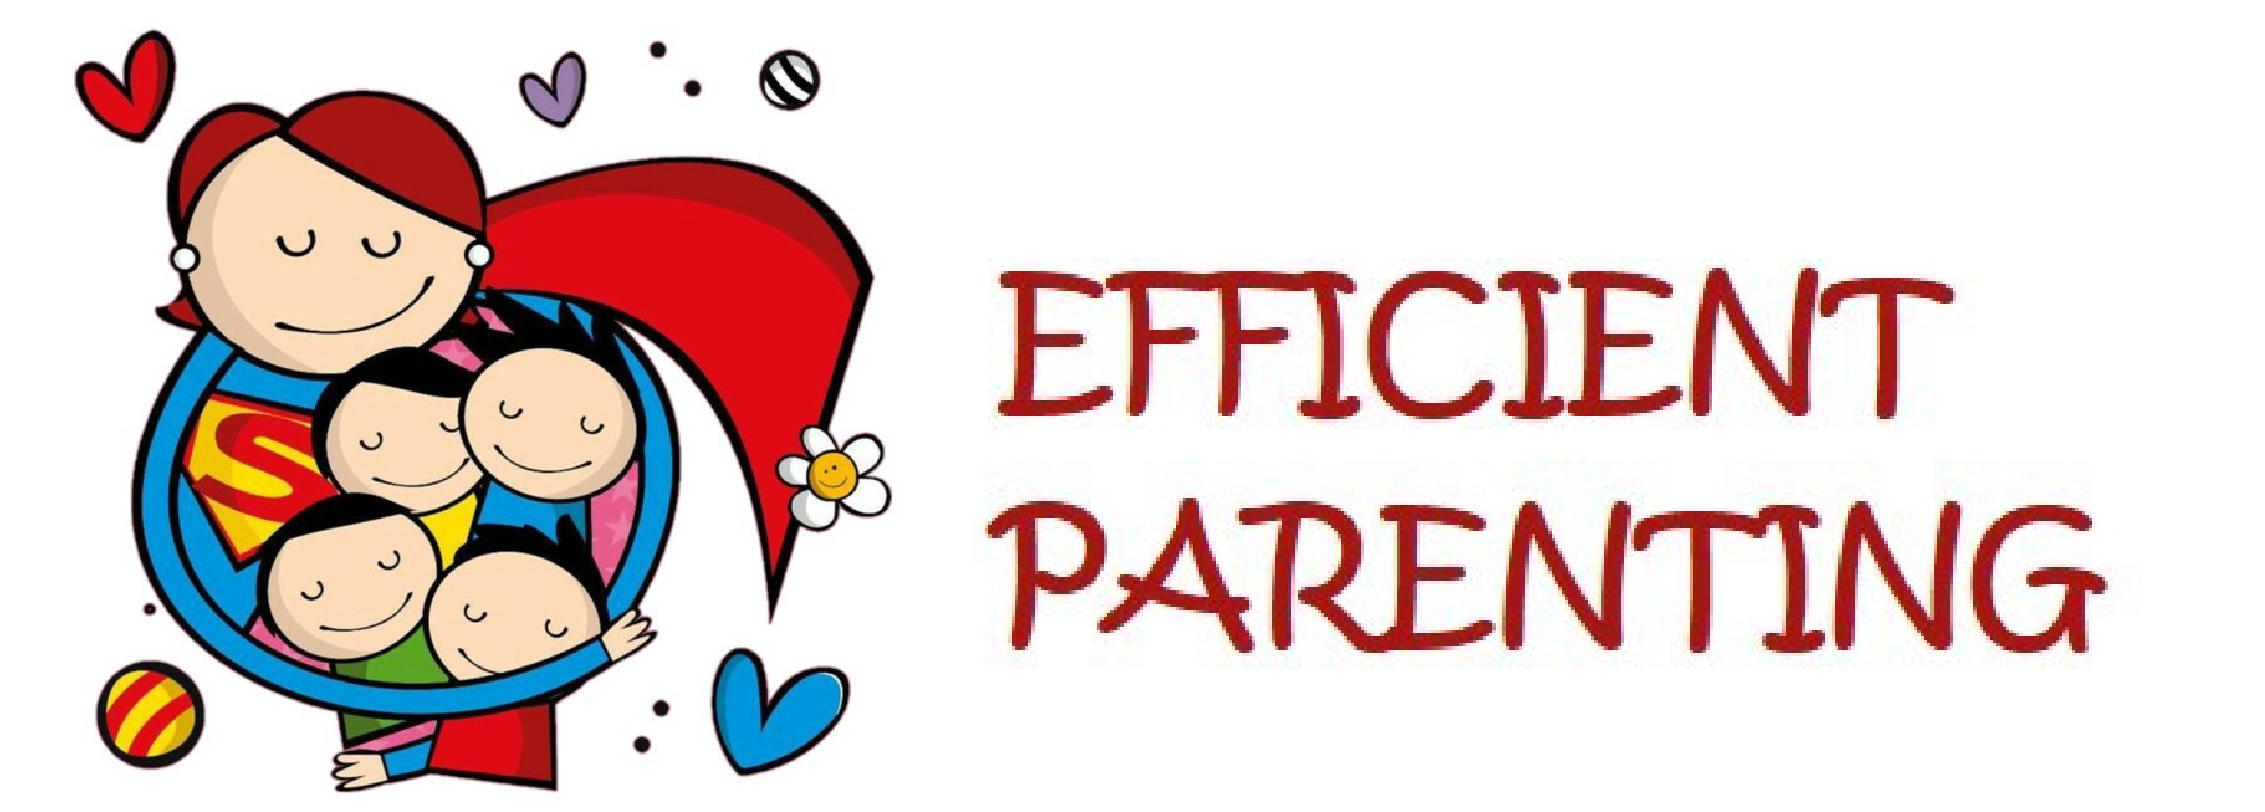 Efficient Parenting